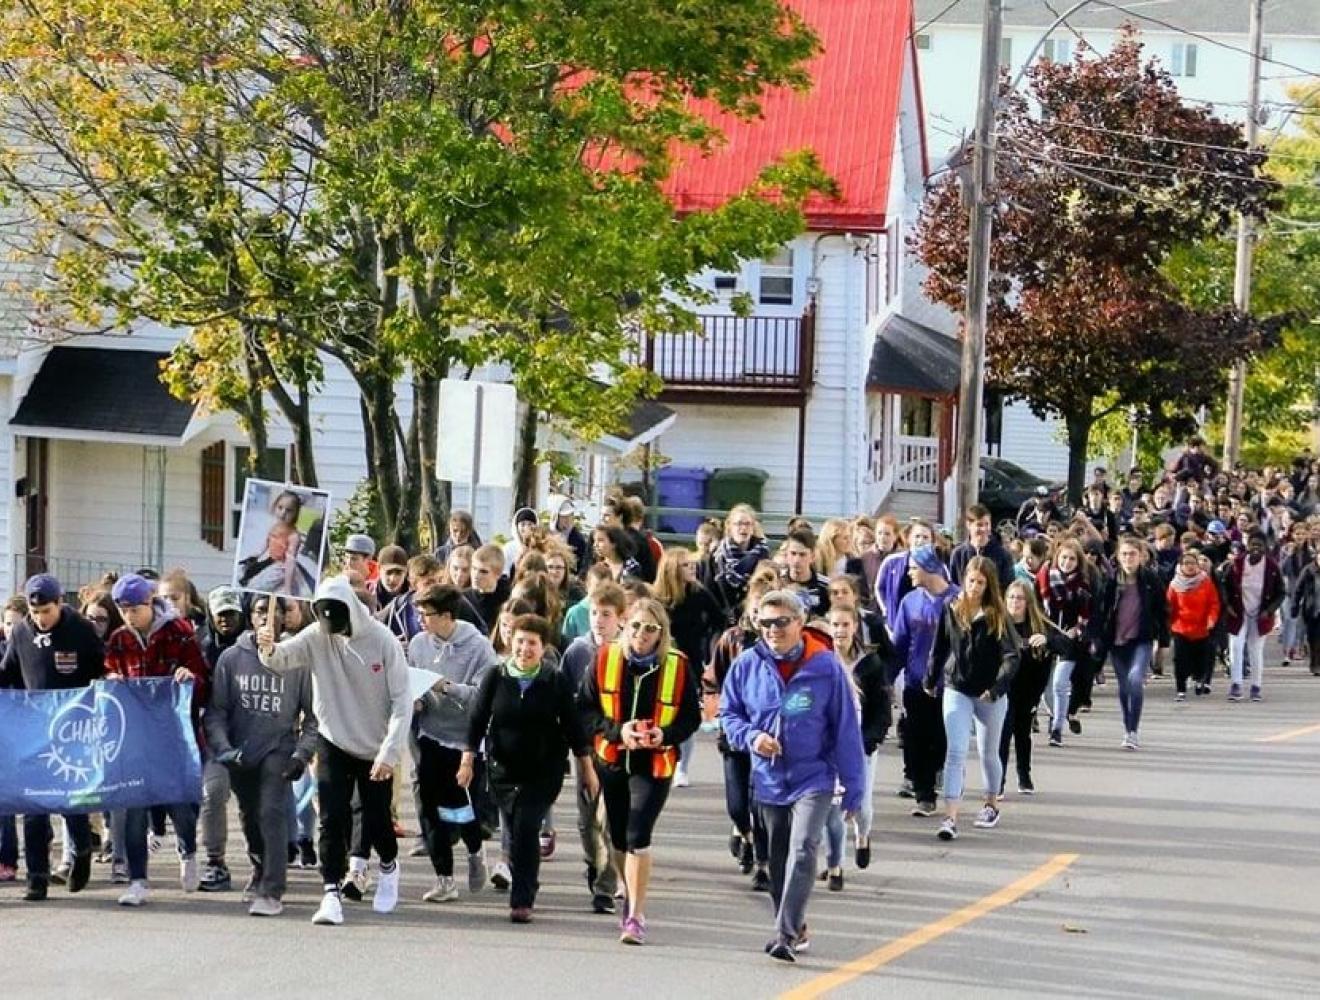 Organize a walk at school